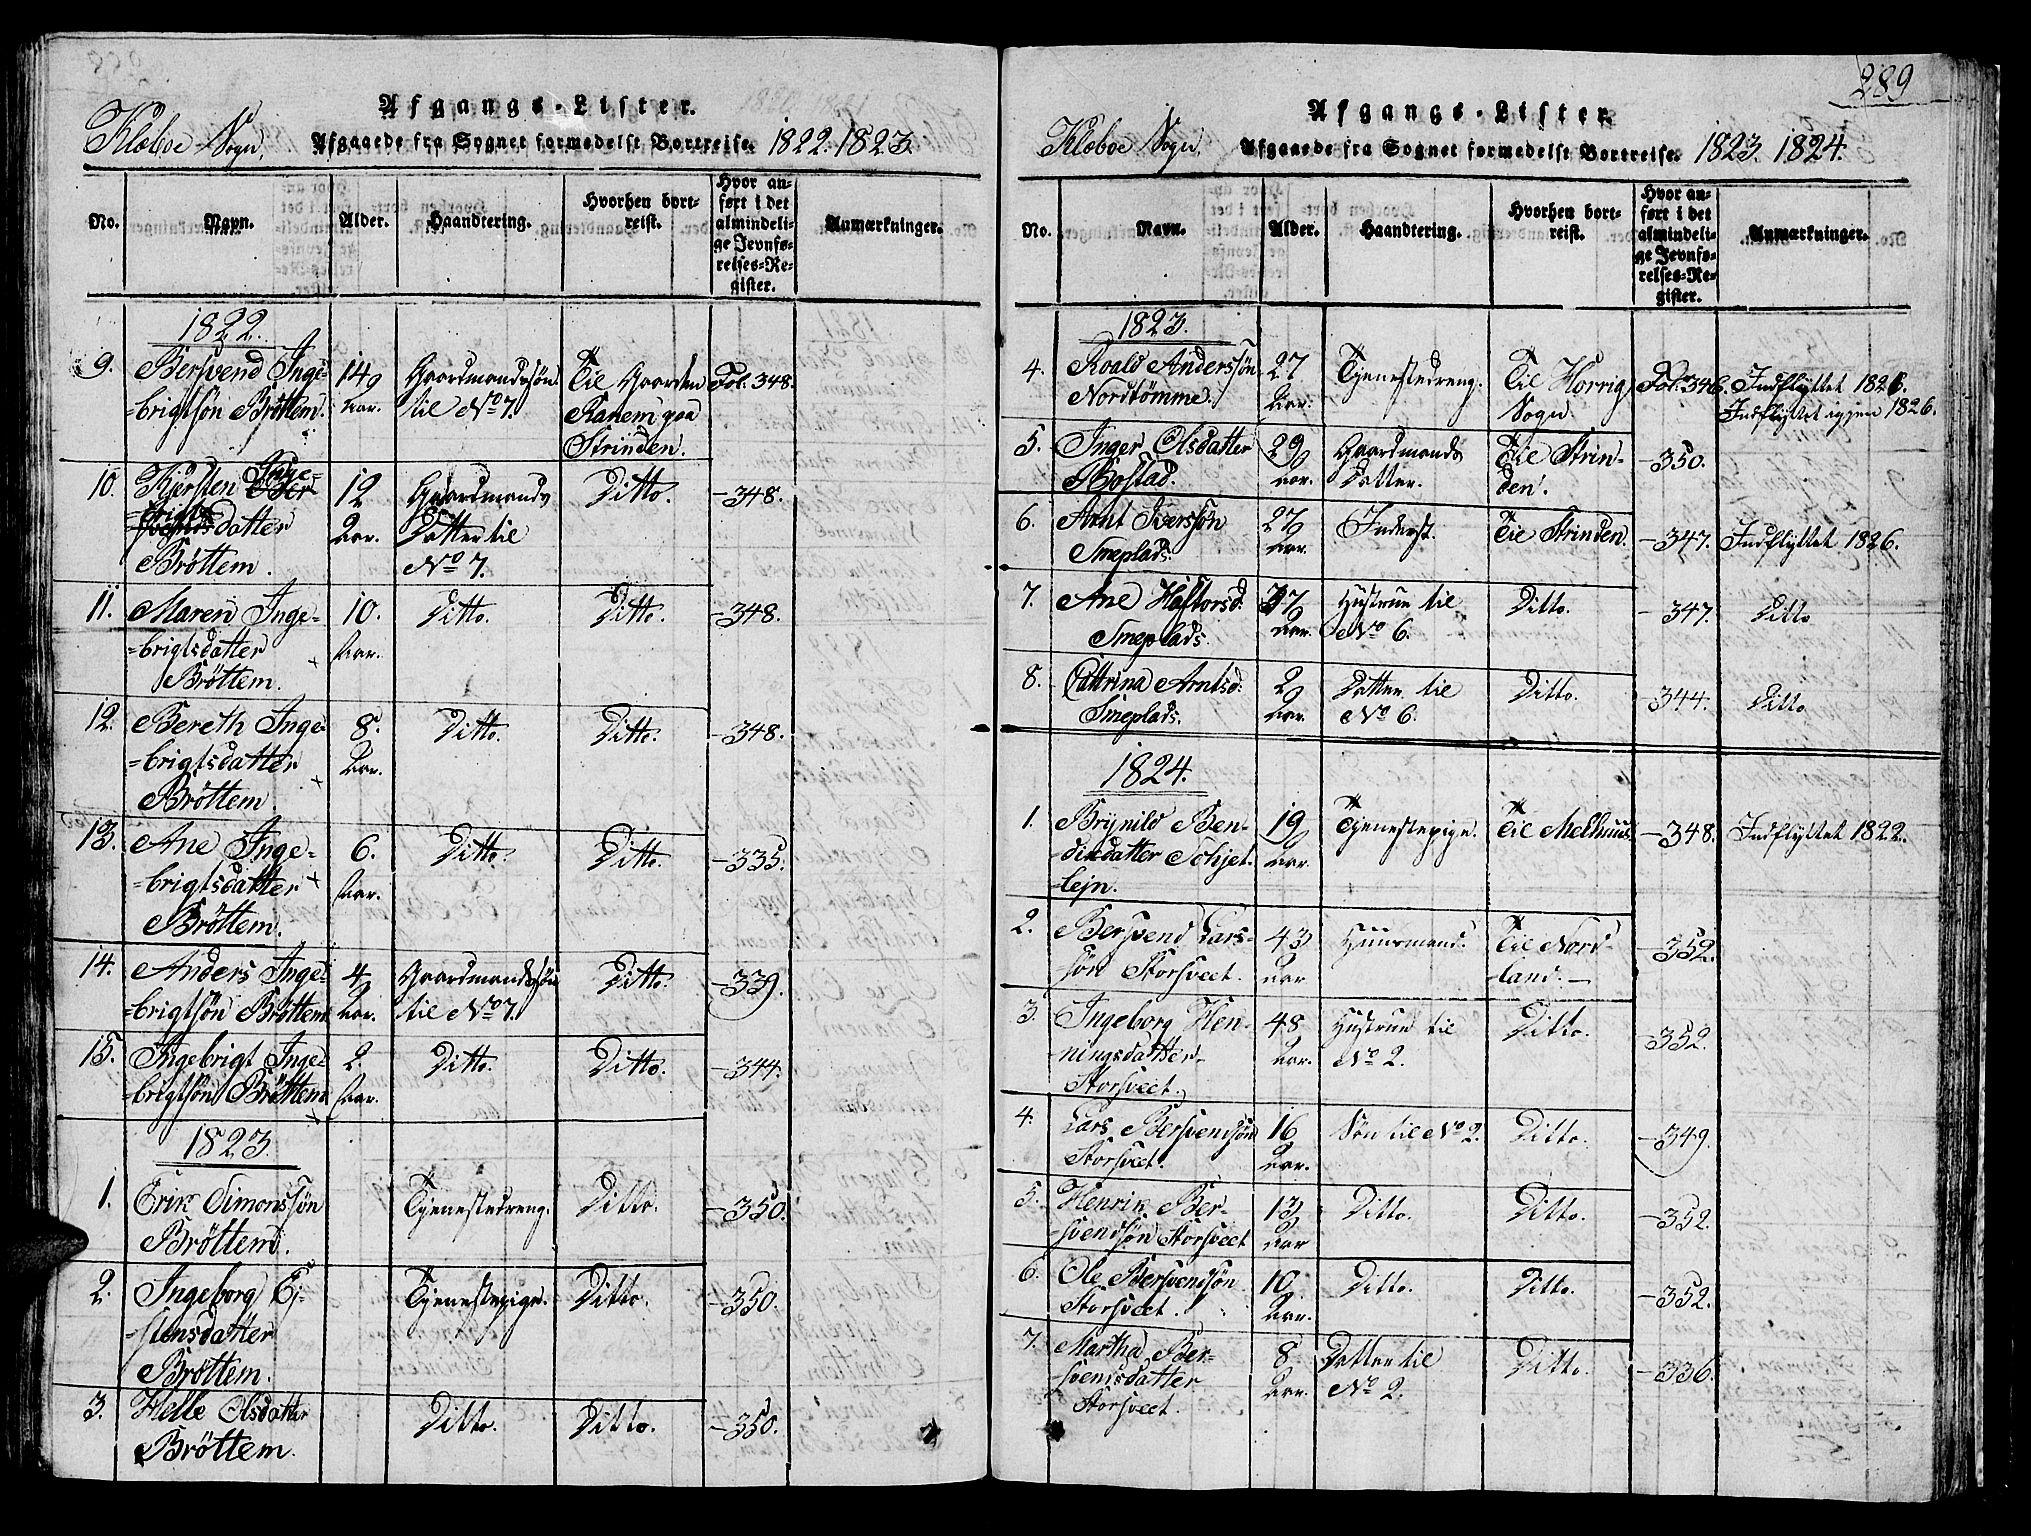 SAT, Ministerialprotokoller, klokkerbøker og fødselsregistre - Sør-Trøndelag, 618/L0450: Klokkerbok nr. 618C01, 1816-1865, s. 289